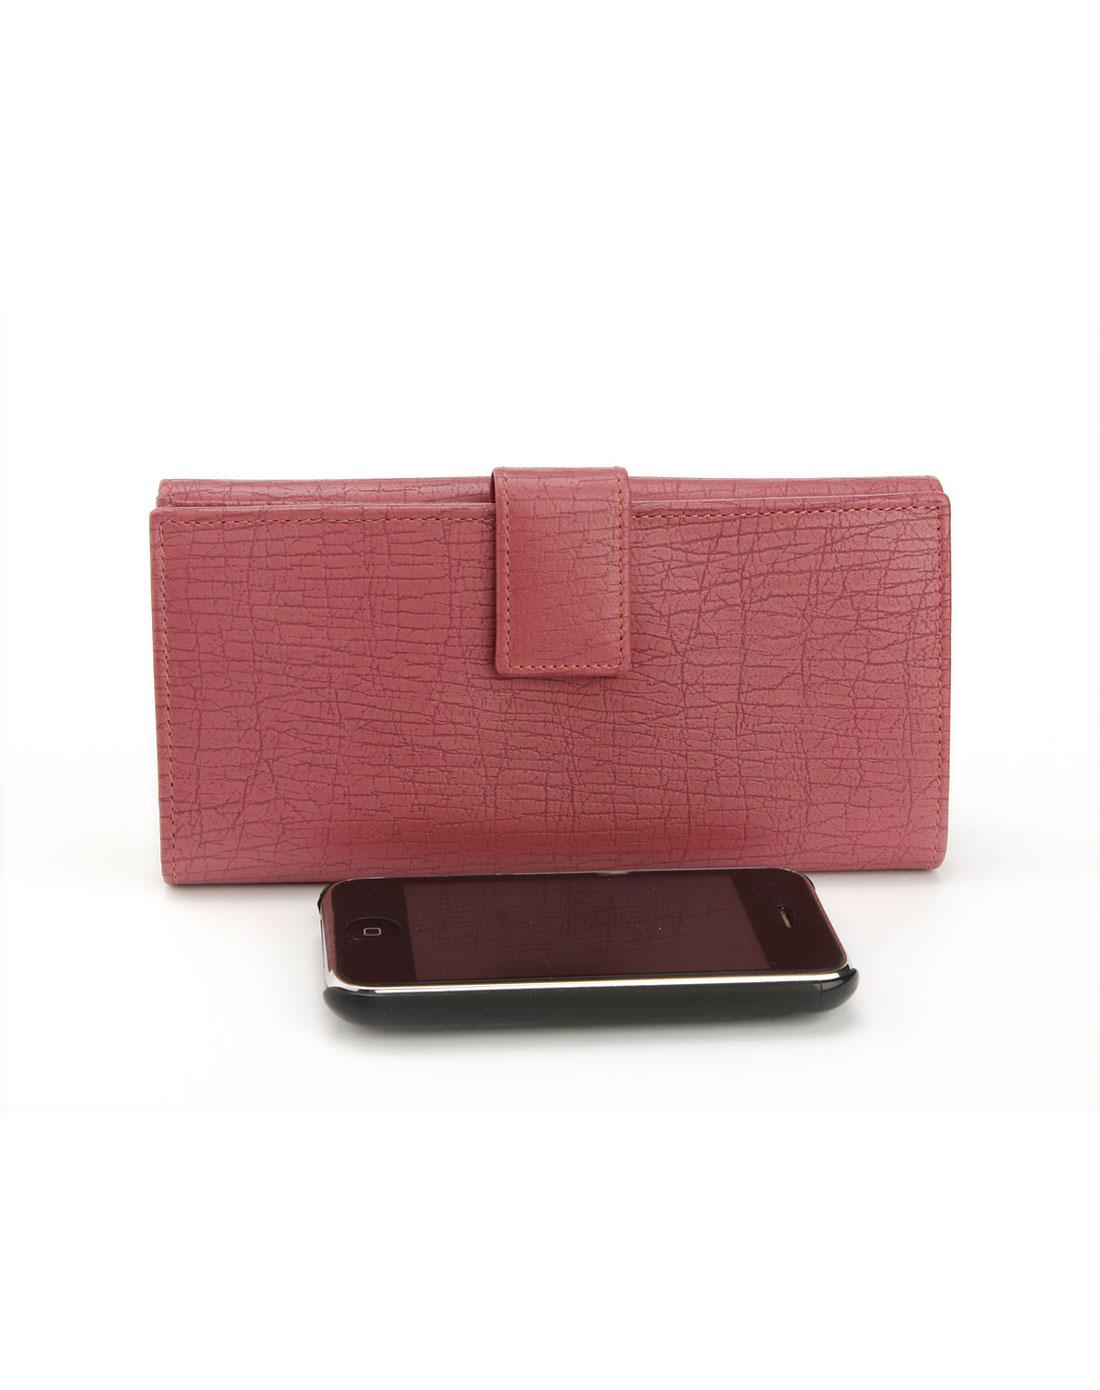 奢华钱包专场gucci女款紫红色压纹钱包g1025014